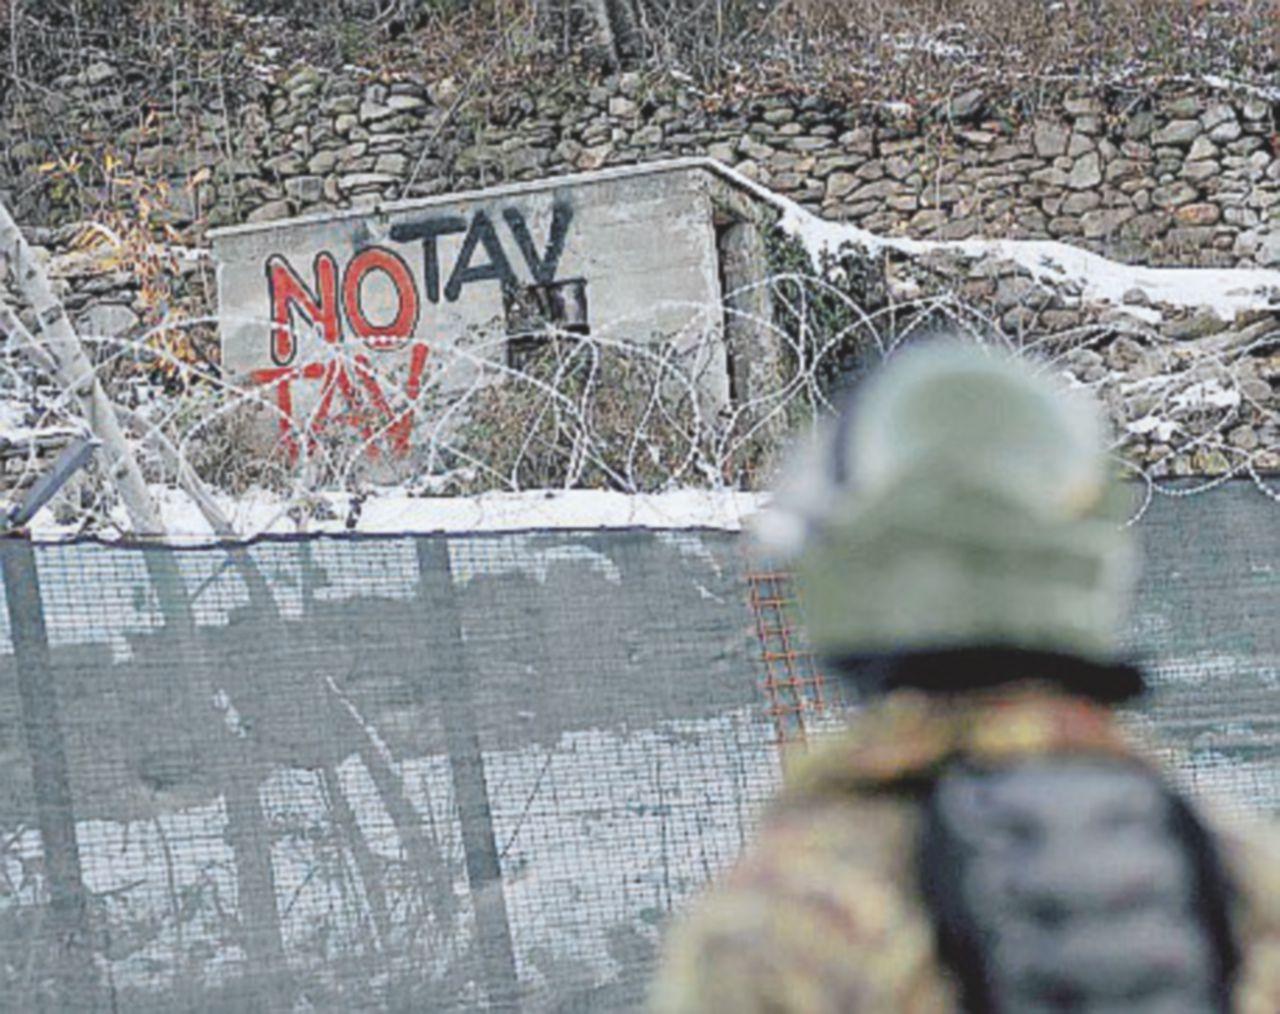 """Bombe carta per ricordare la """"vittoria"""" No Tav del 2005. La polizia si apposta: tre  arresti"""